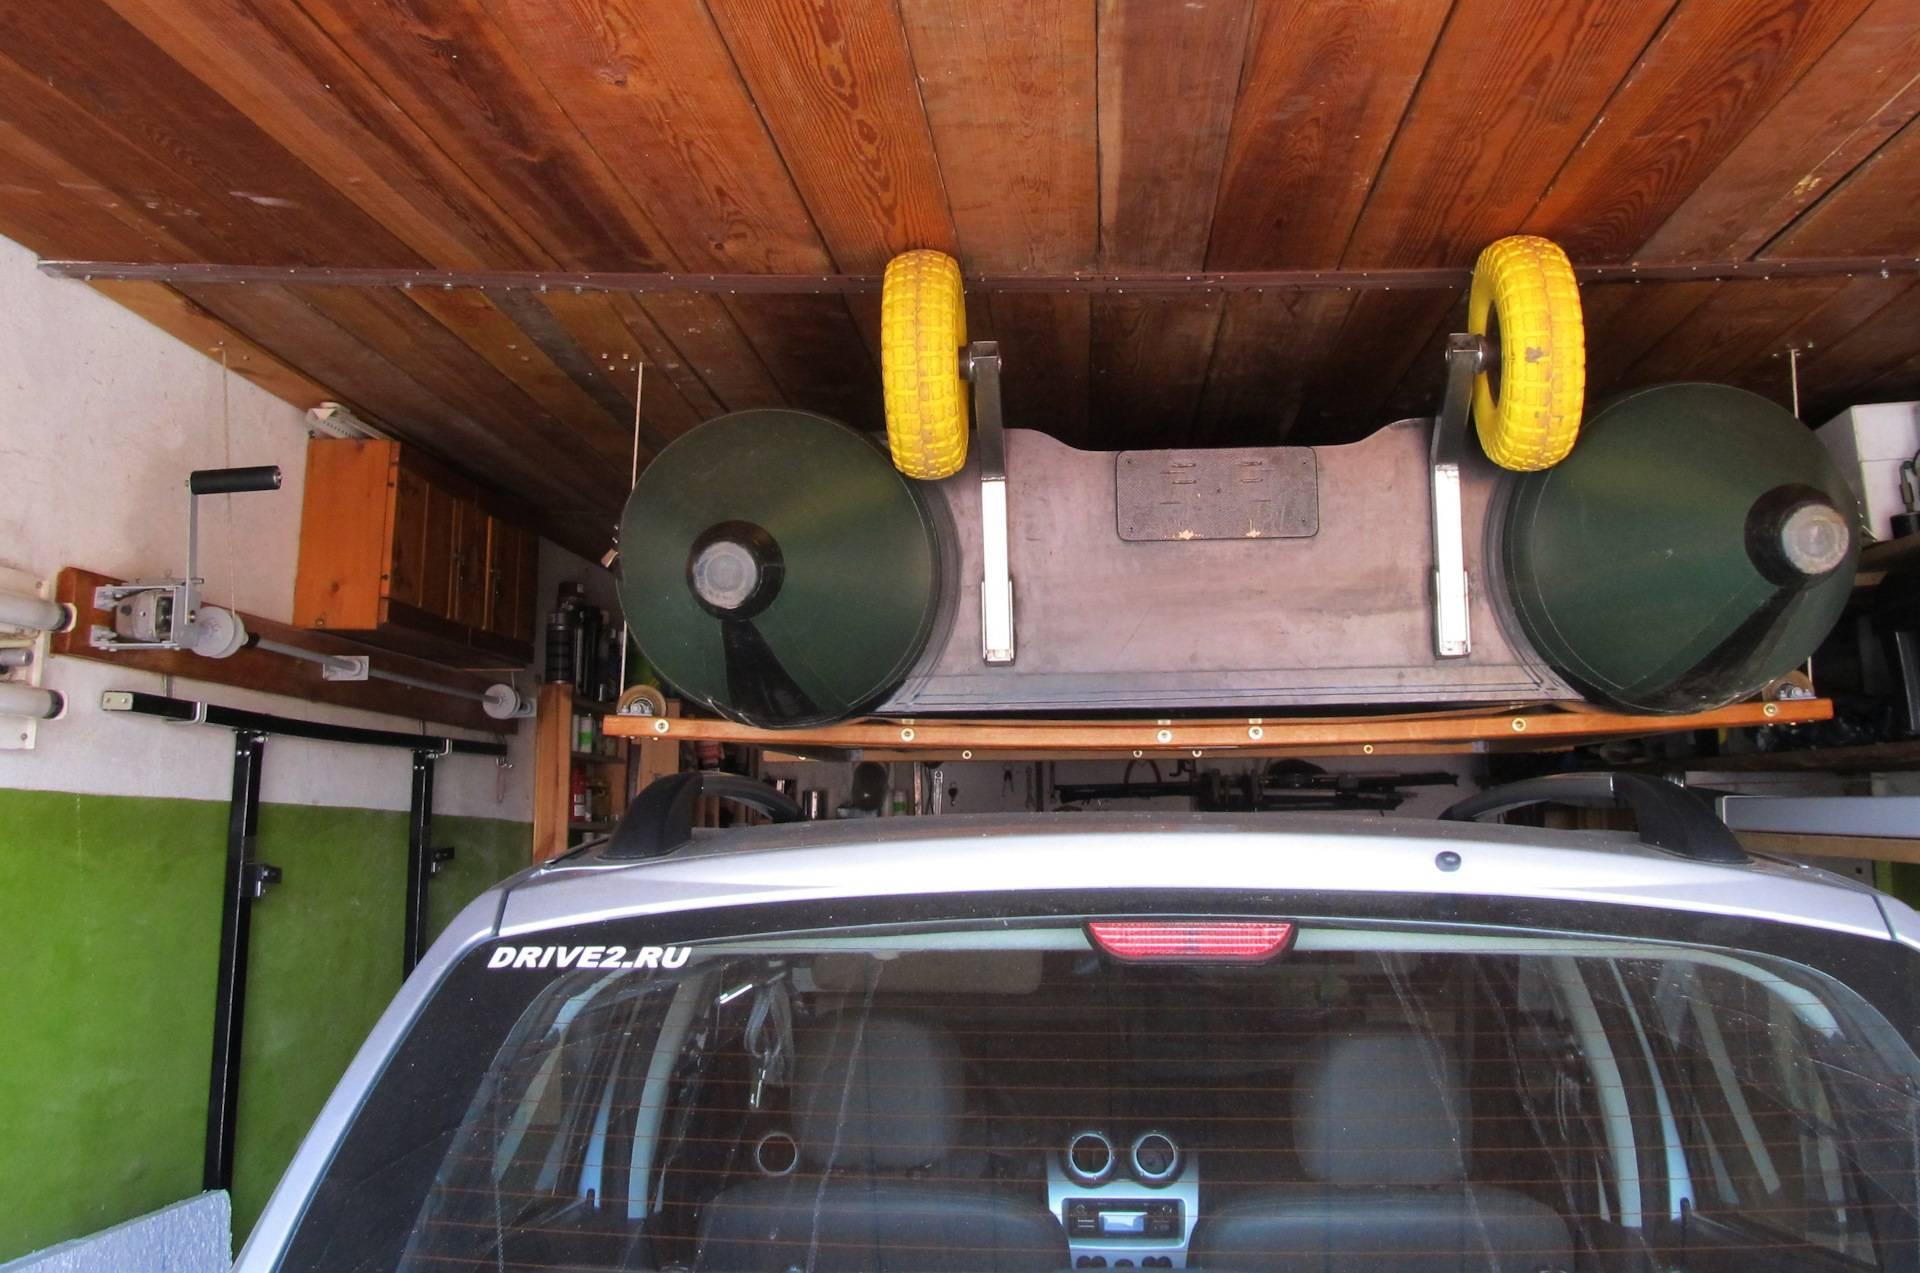 Хранение лодочного мотора зимой: в холодном гараже, где и как правильно хранить